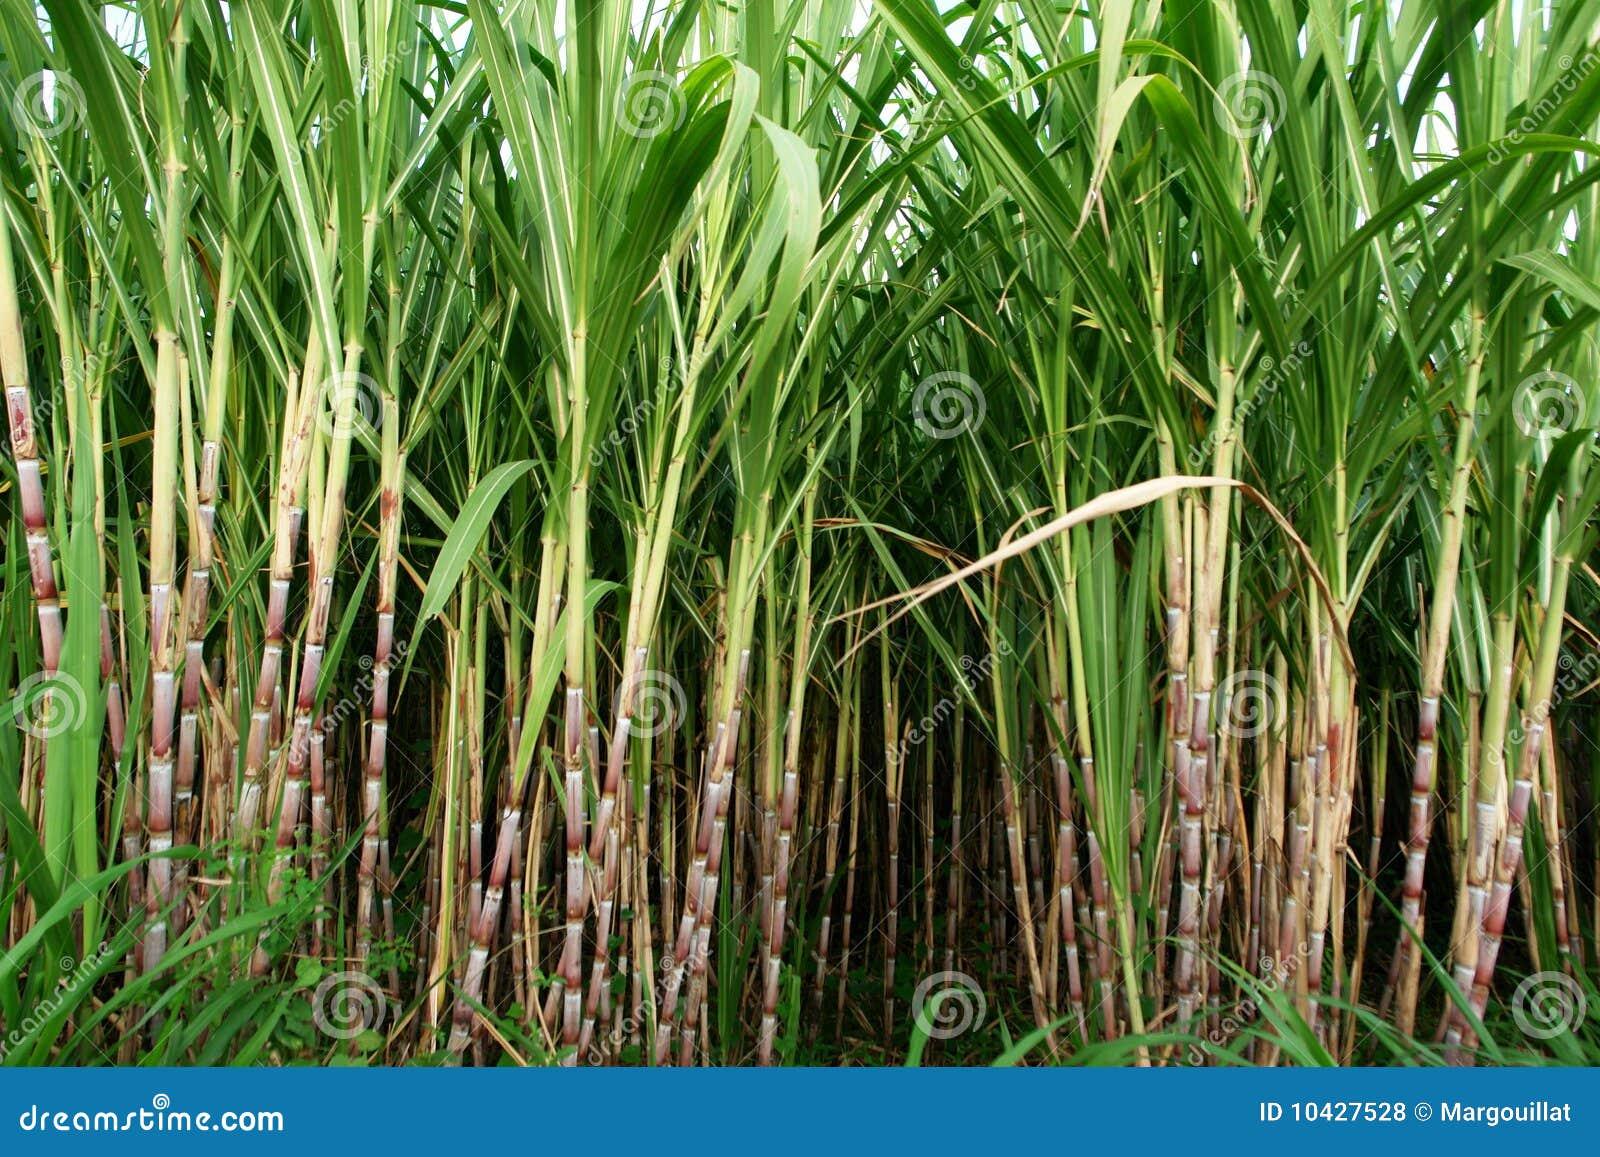 Campo de la caña de azúcar